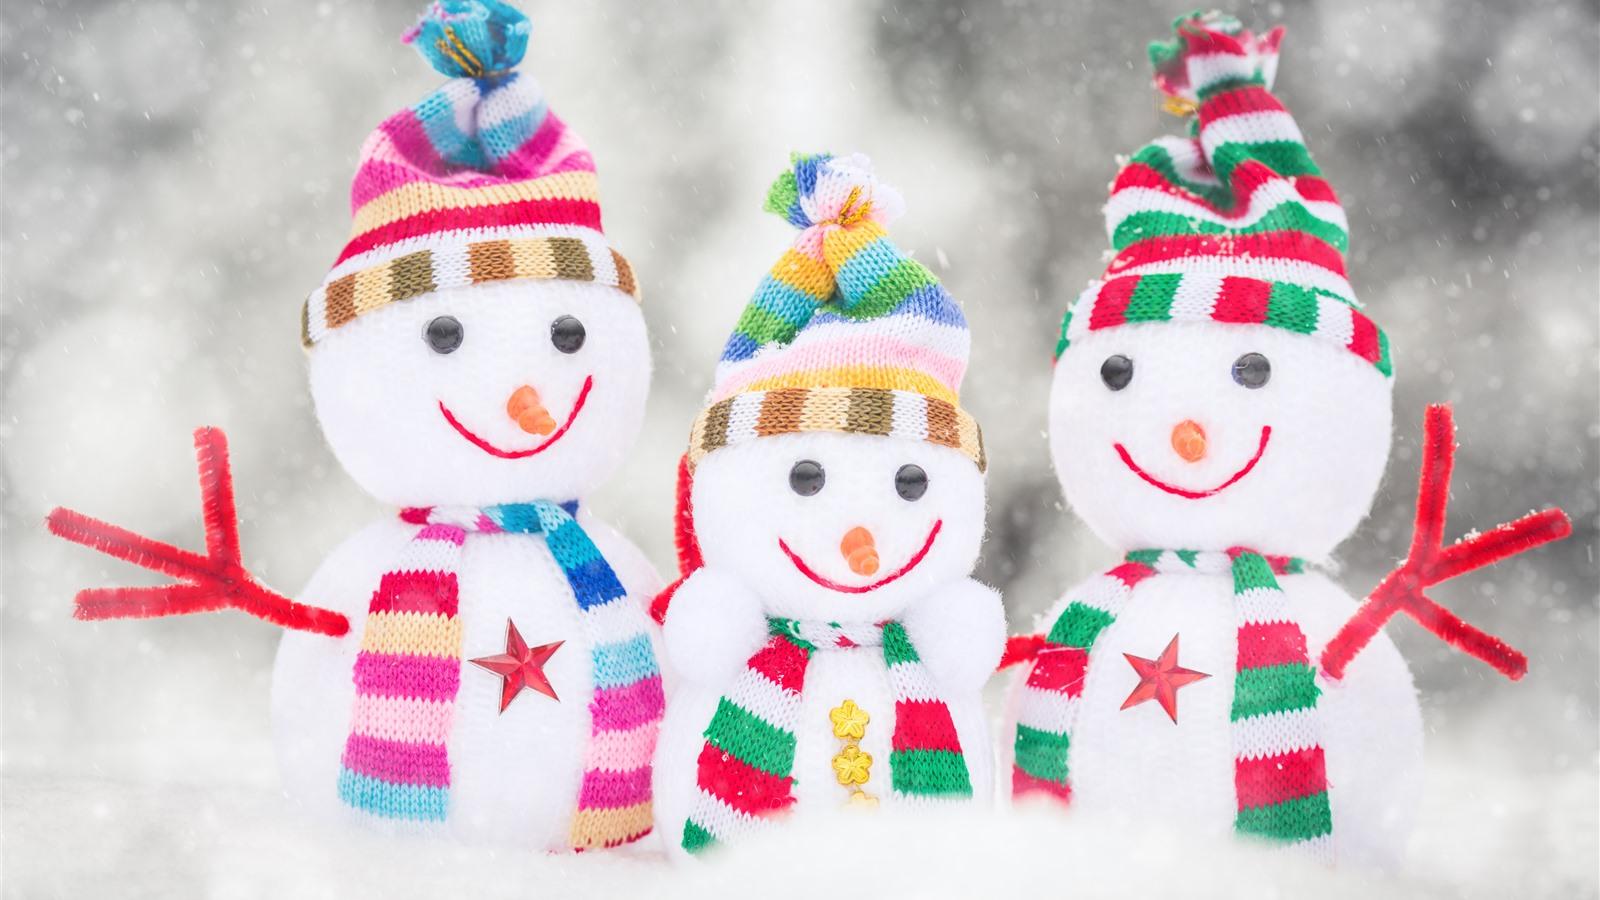 壁紙 三雪だるま 雪 おもちゃ 3840x2160 Uhd 4k 無料のデスクトップ